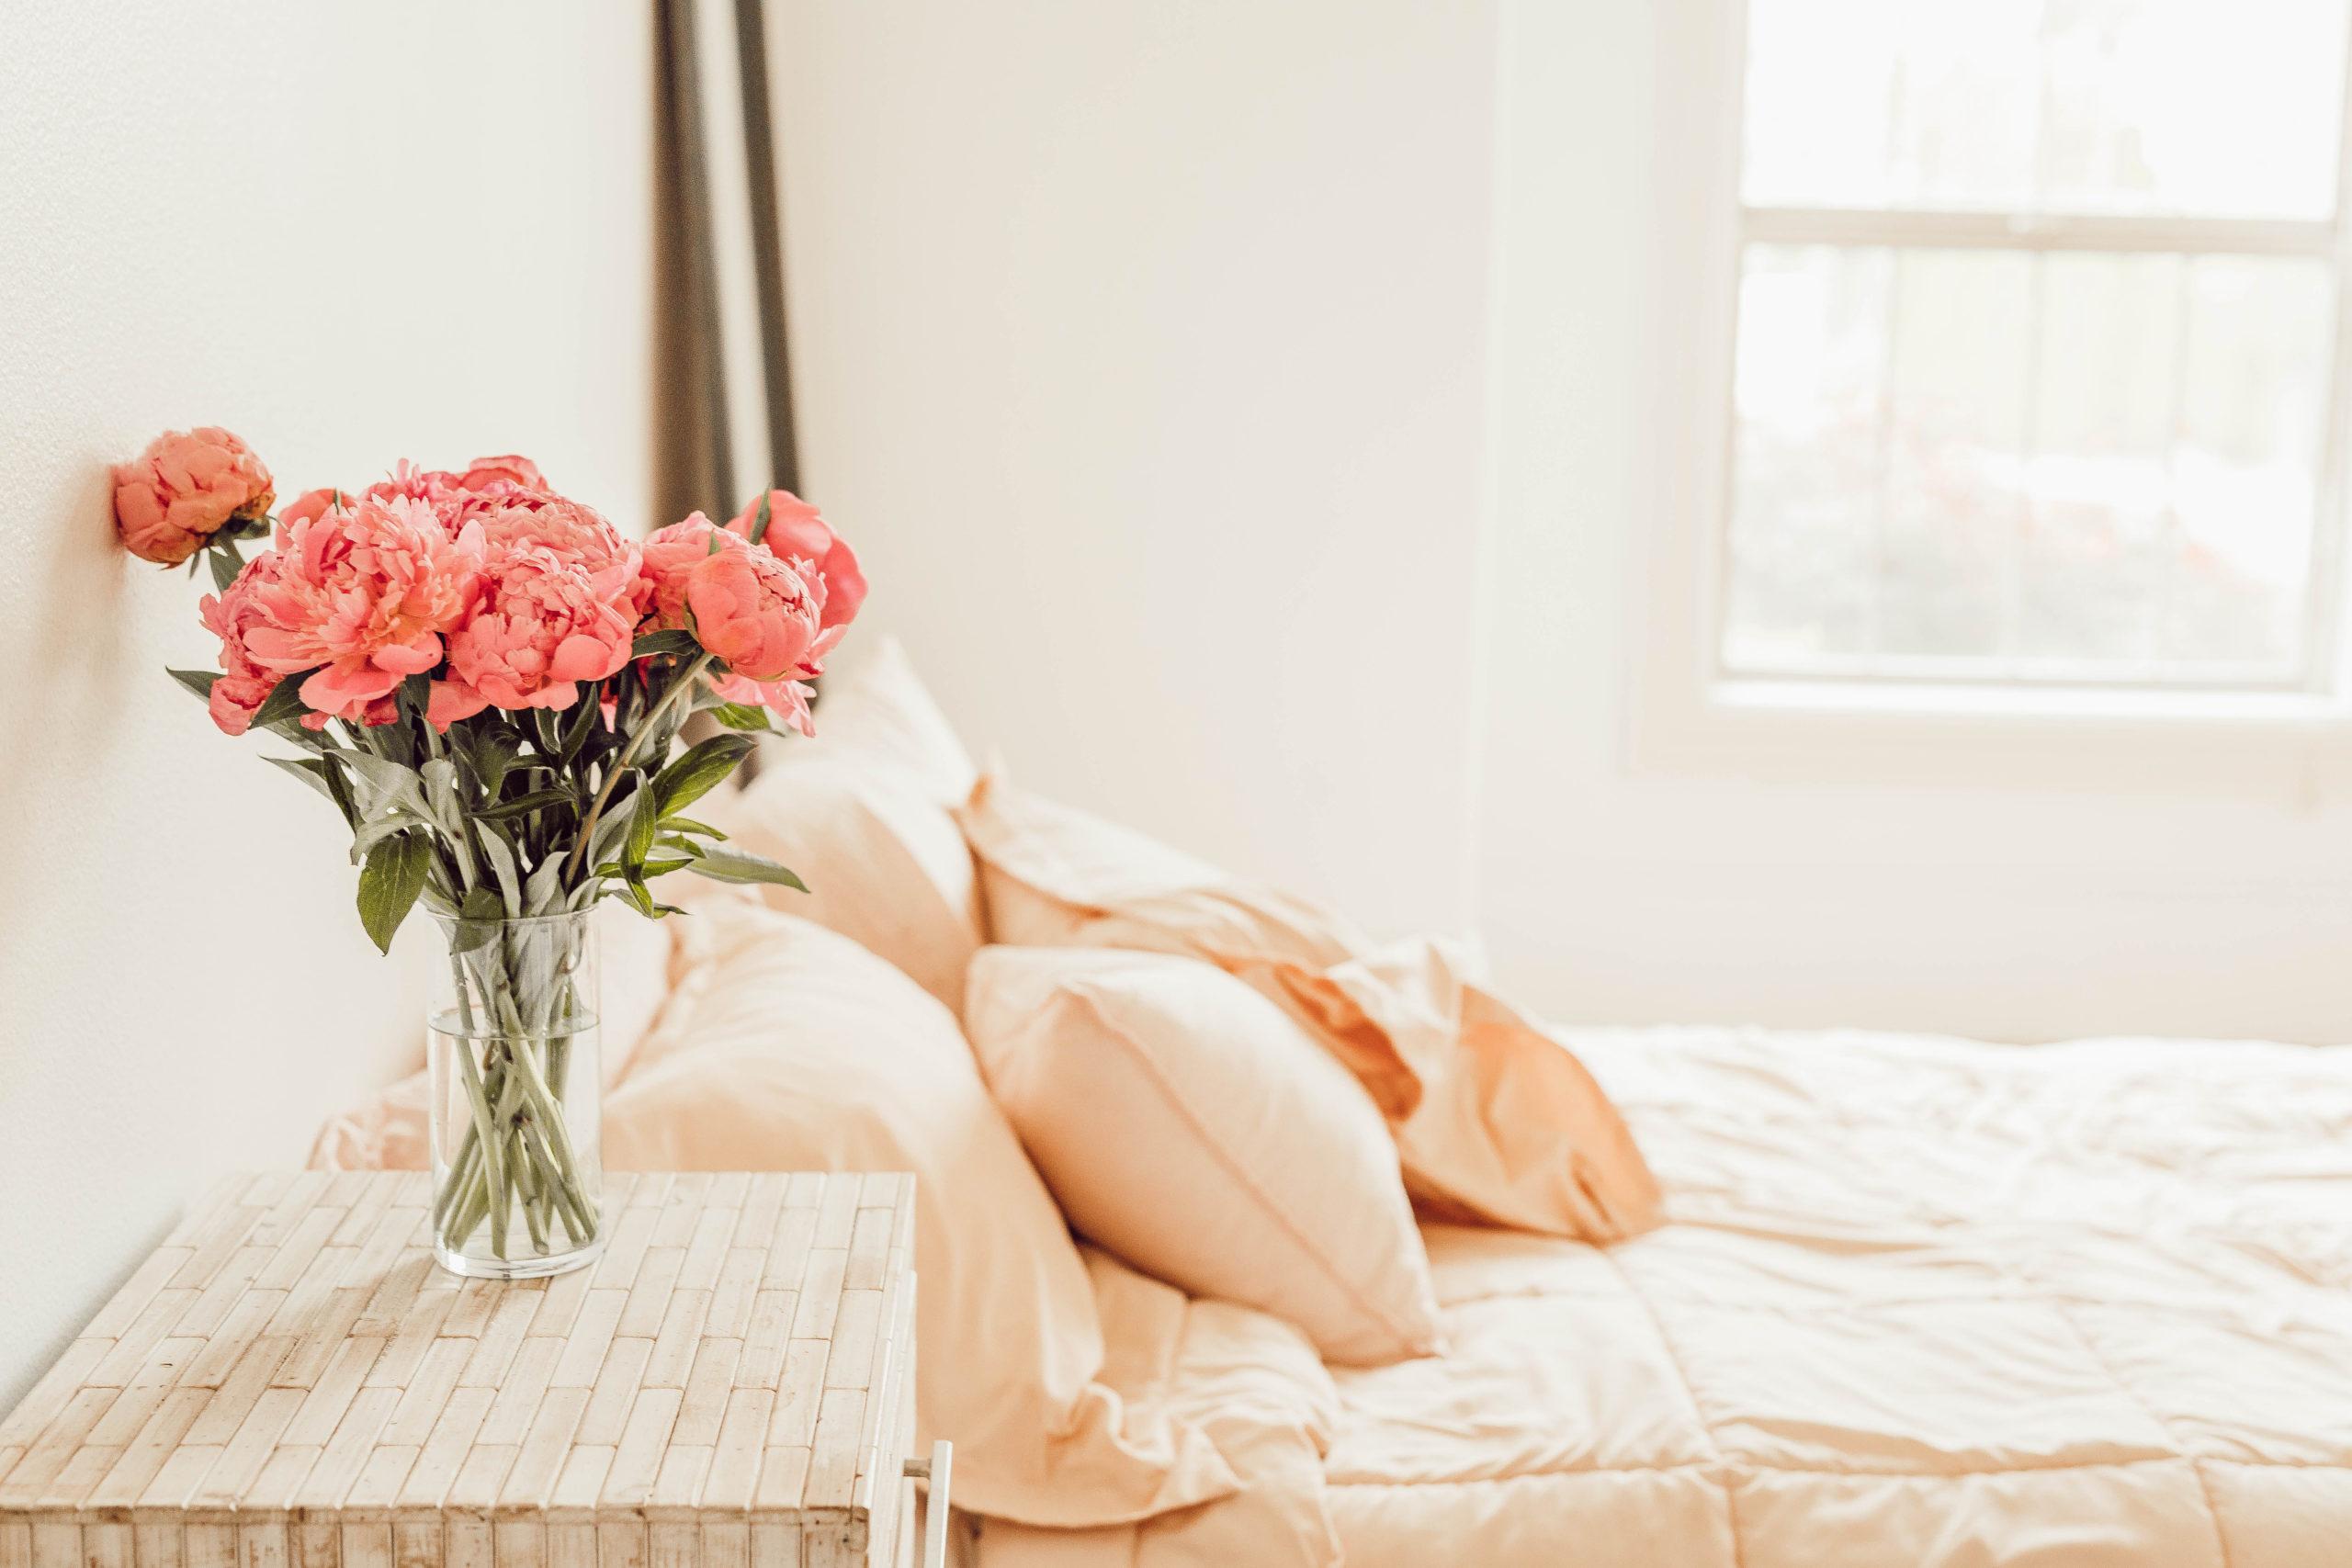 Eroon unettomuudesta - Elossa Unitarina